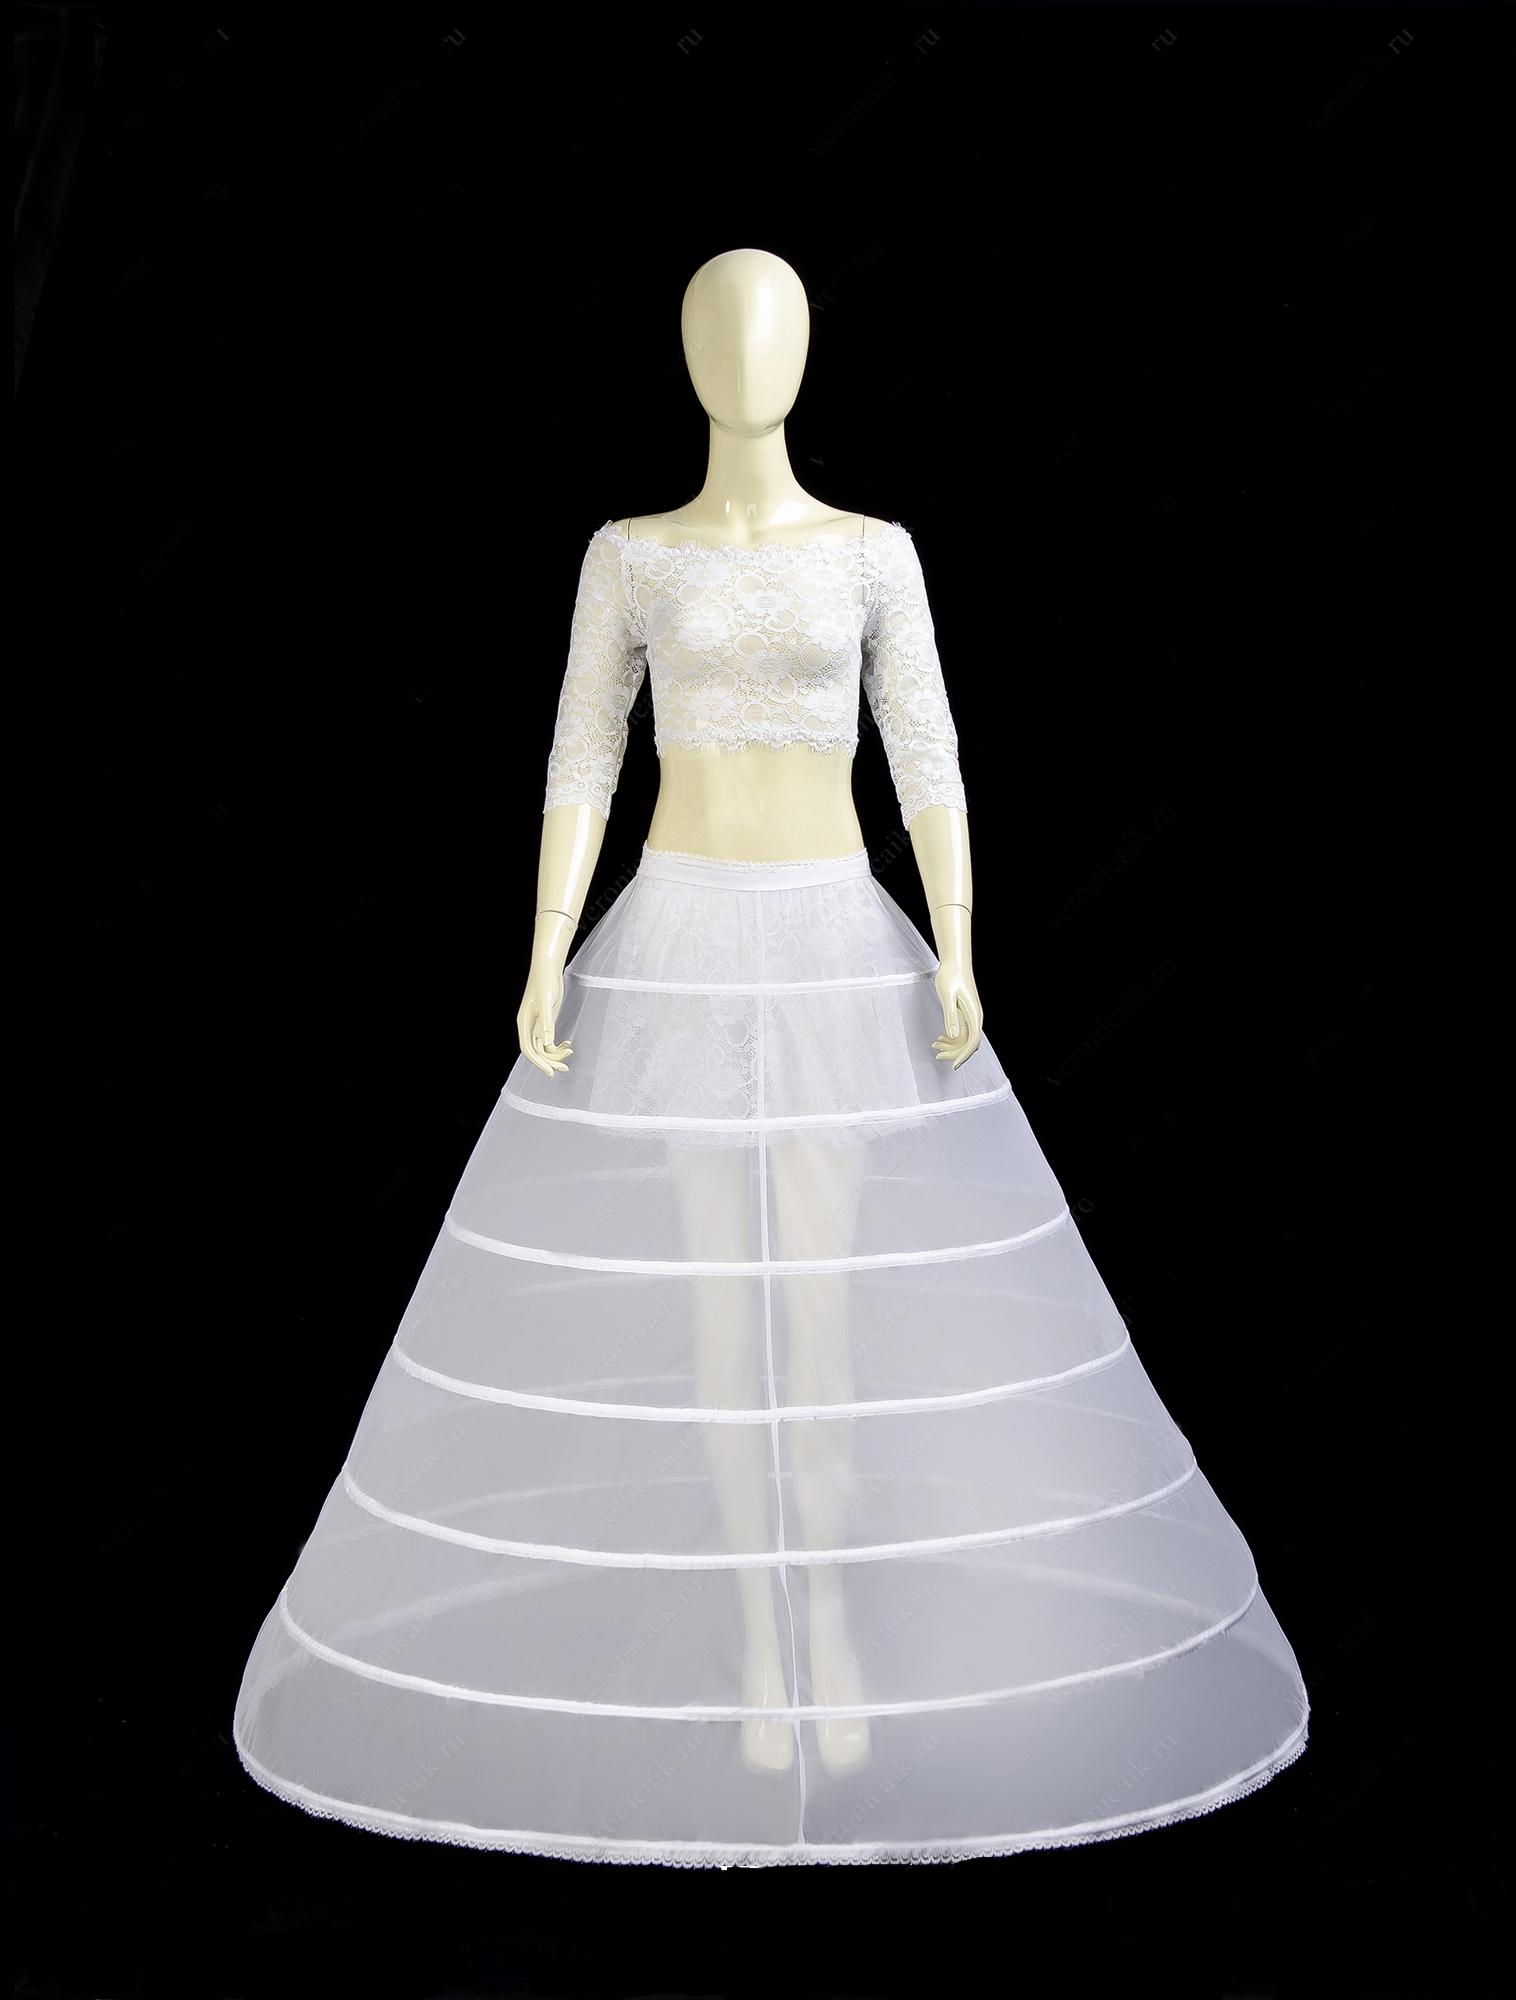 где купить подъюбник с кольцами для свадебного платья